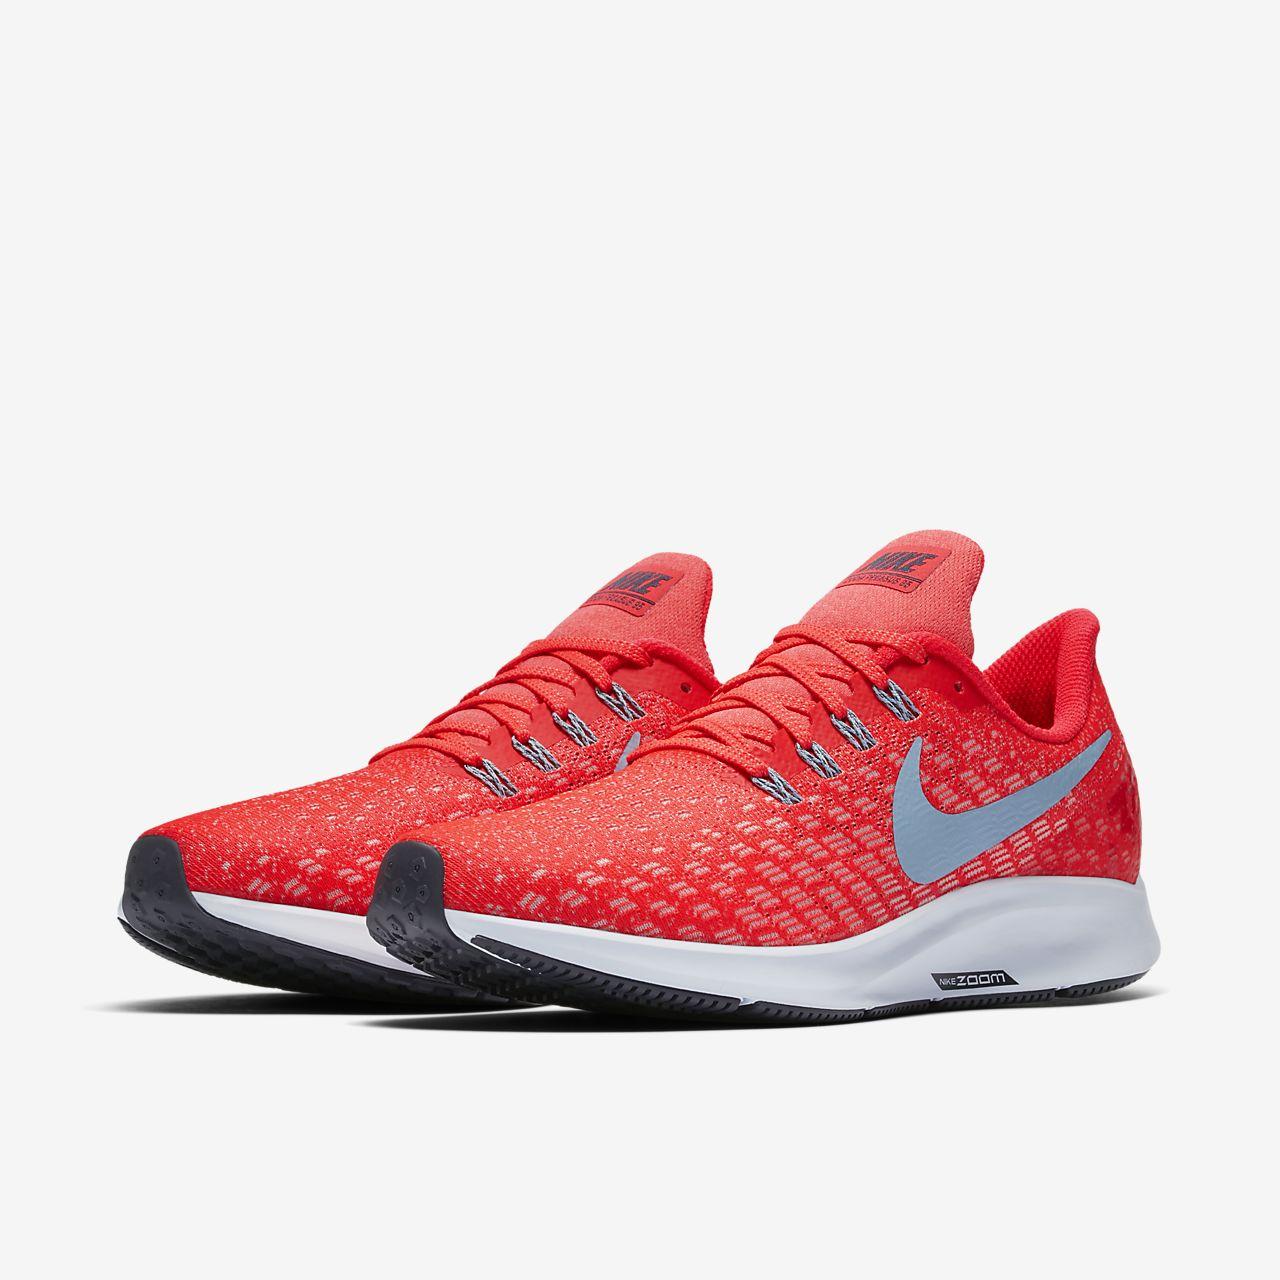 1c2f98e5d7fc Nike Air Zoom Pegasus 35 Women's Running Shoe. Nike.com NO